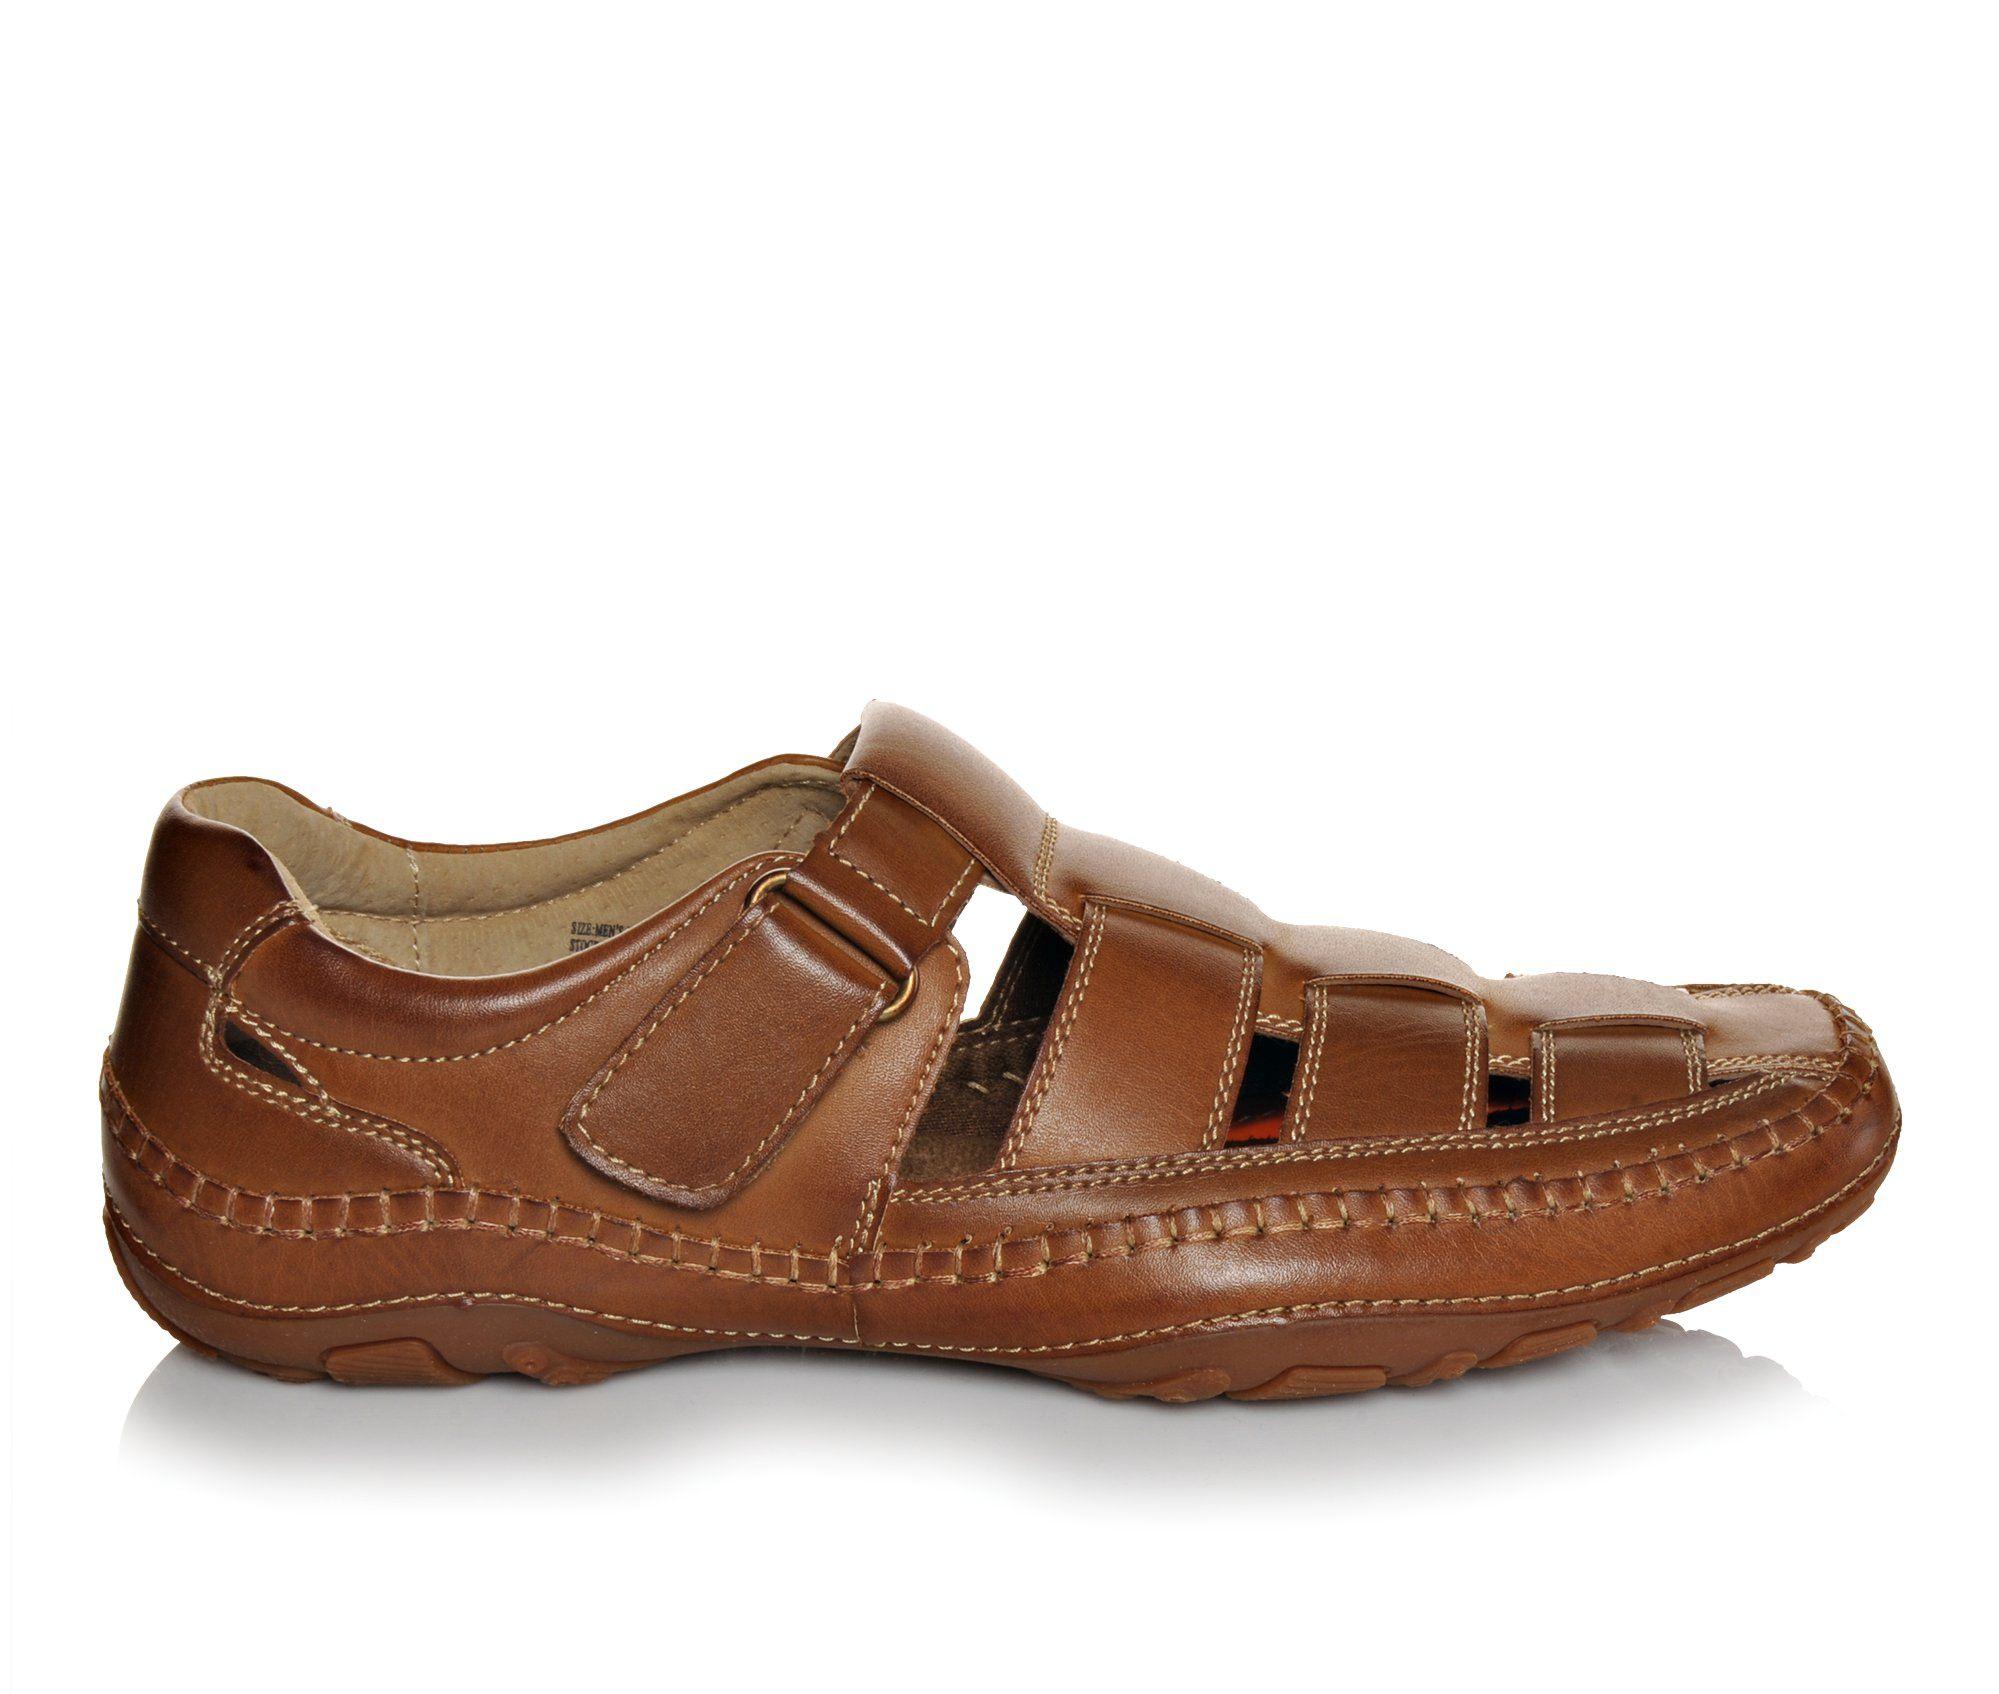 Men's GBX Sentaur Sandals (Brown)